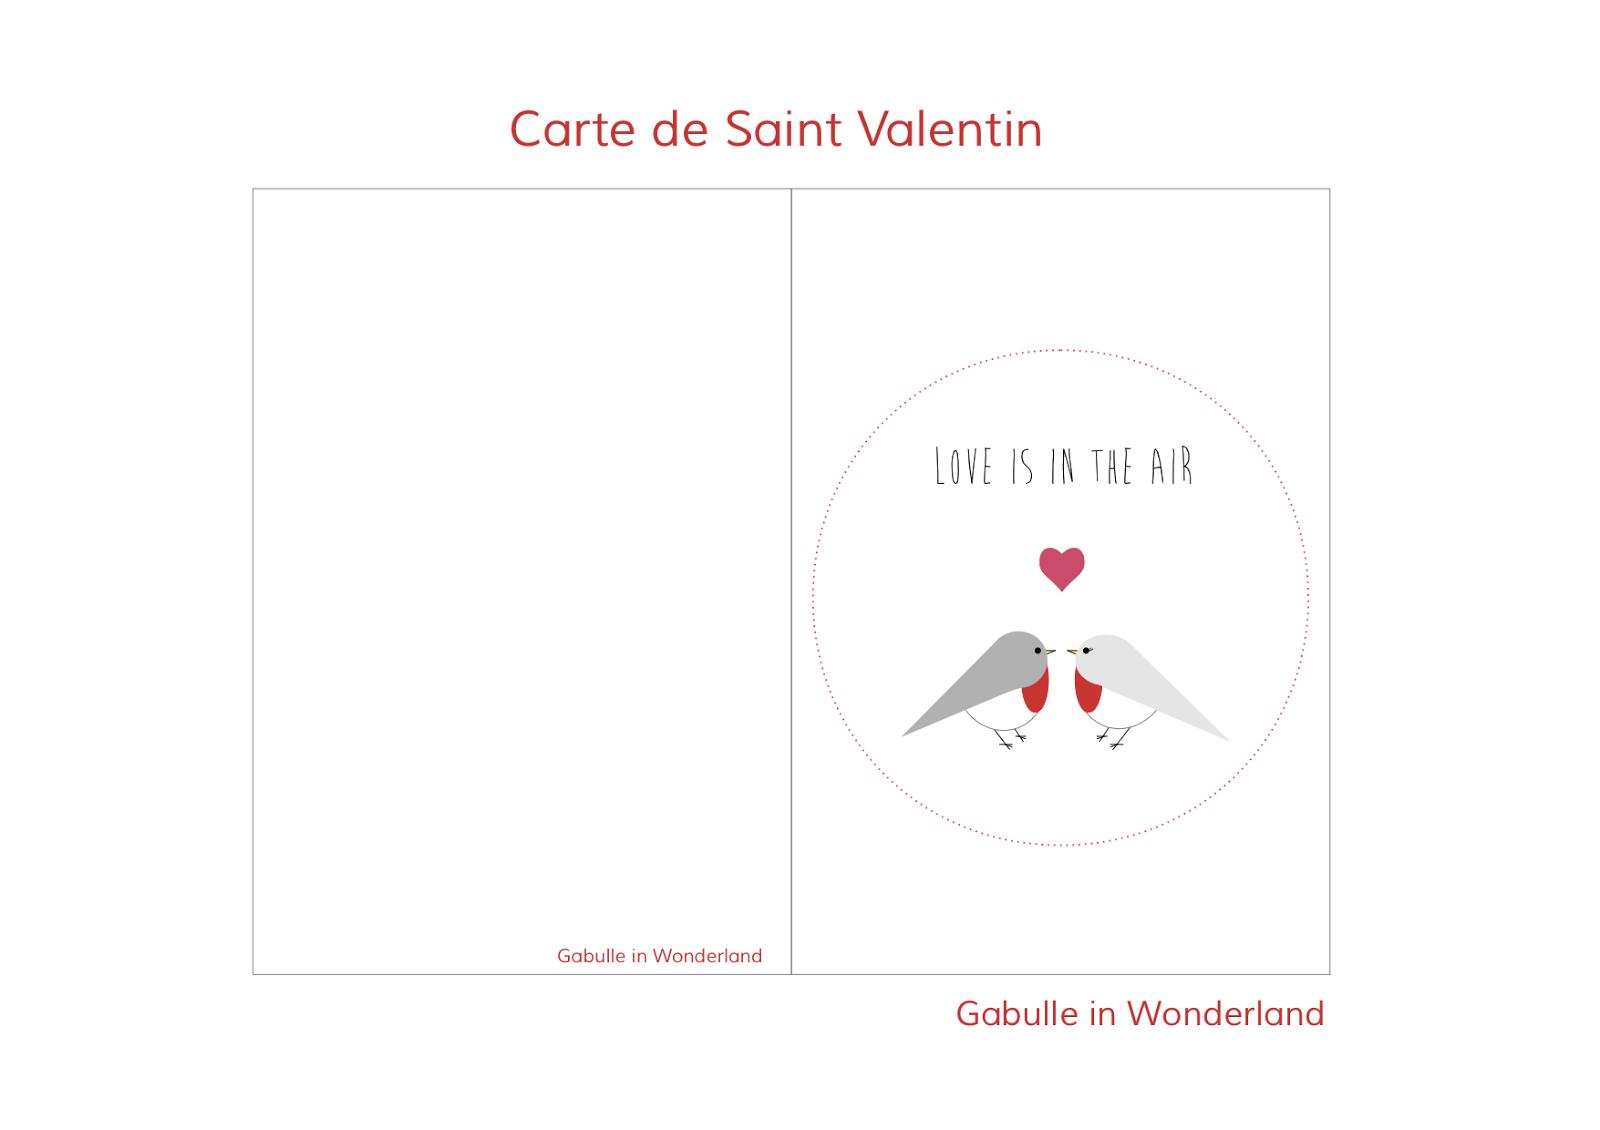 Coeur de st valentin Coloriage - Coloriage Pour La Saint Valentin A Imprimer